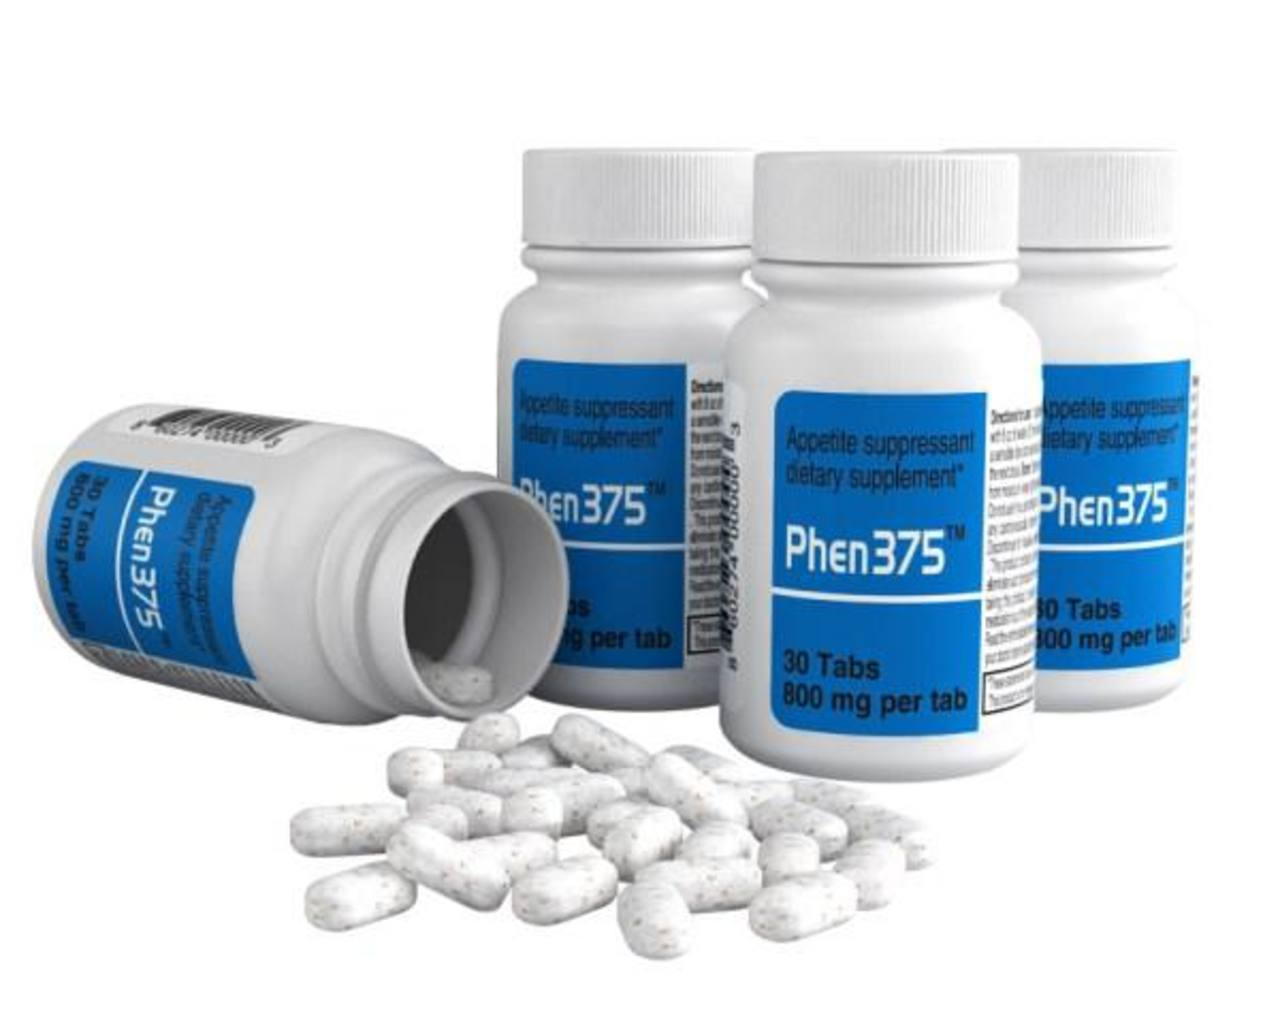 Phen 375 promete perder de tres a cinco libras por semana, quemar grasa, suprimir el apetito.